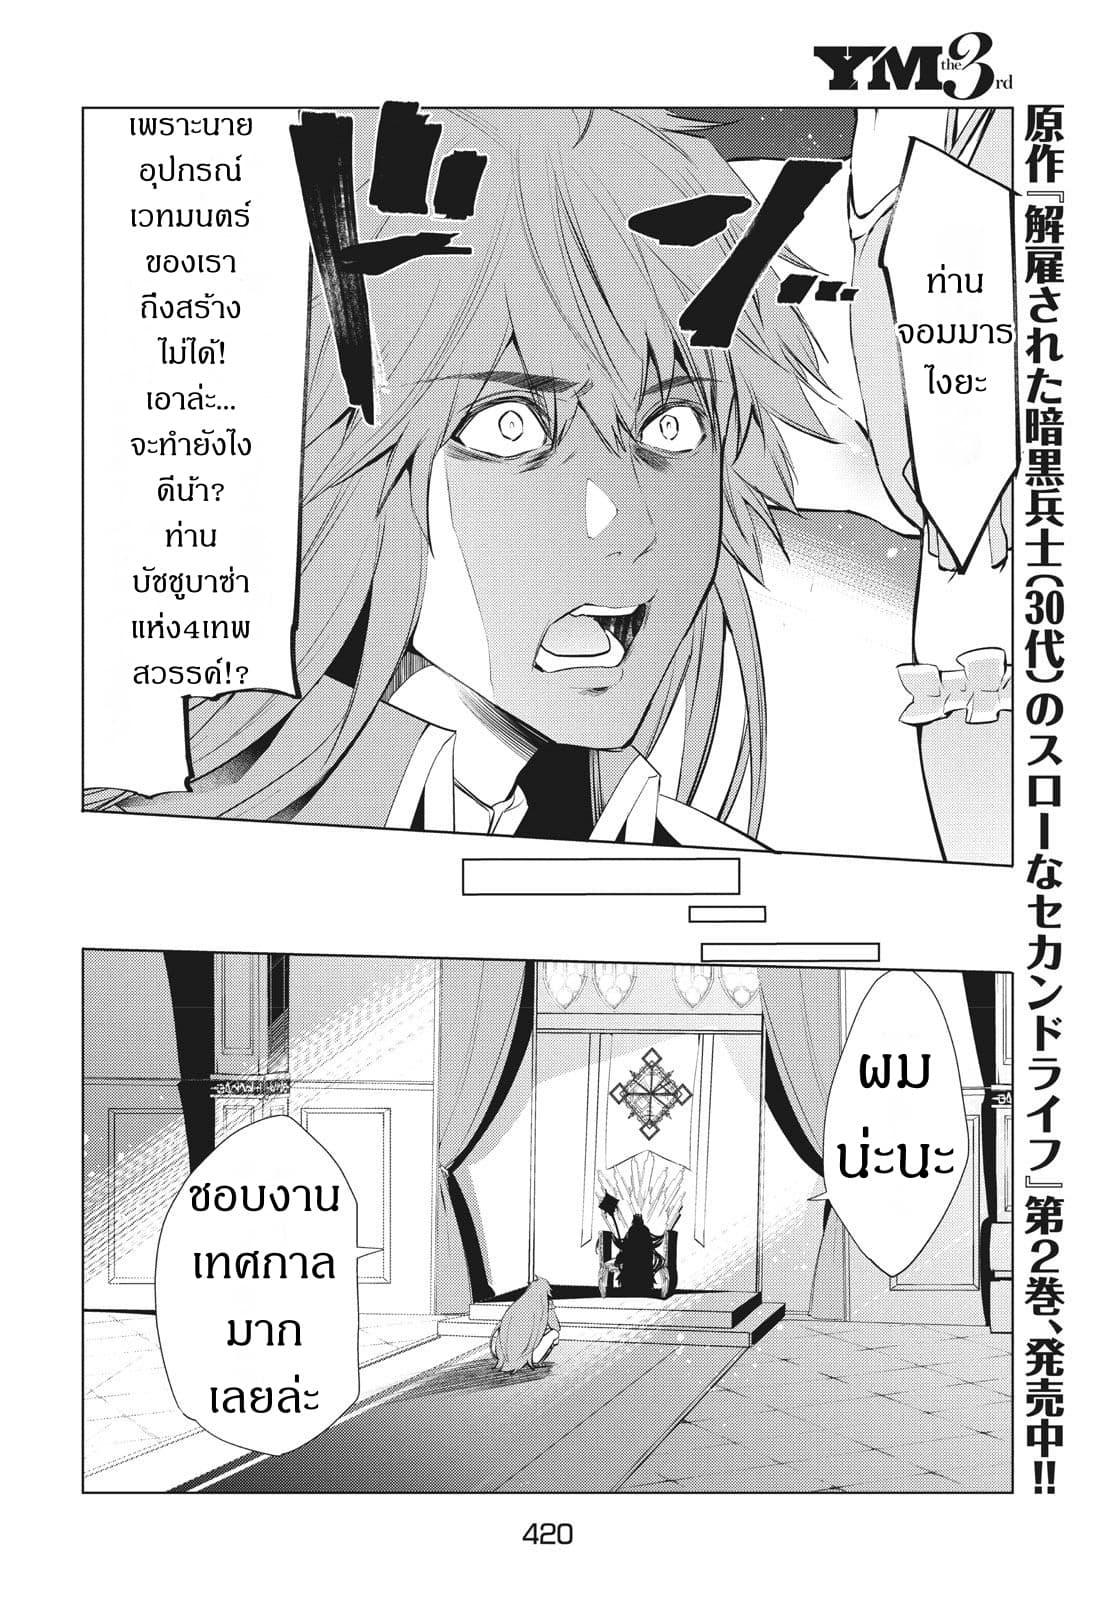 อ่านการ์ตูน Kaiko sareta Ankoku Heishi (30-dai) no Slow na Second ตอนที่ 7.1 หน้าที่ 9